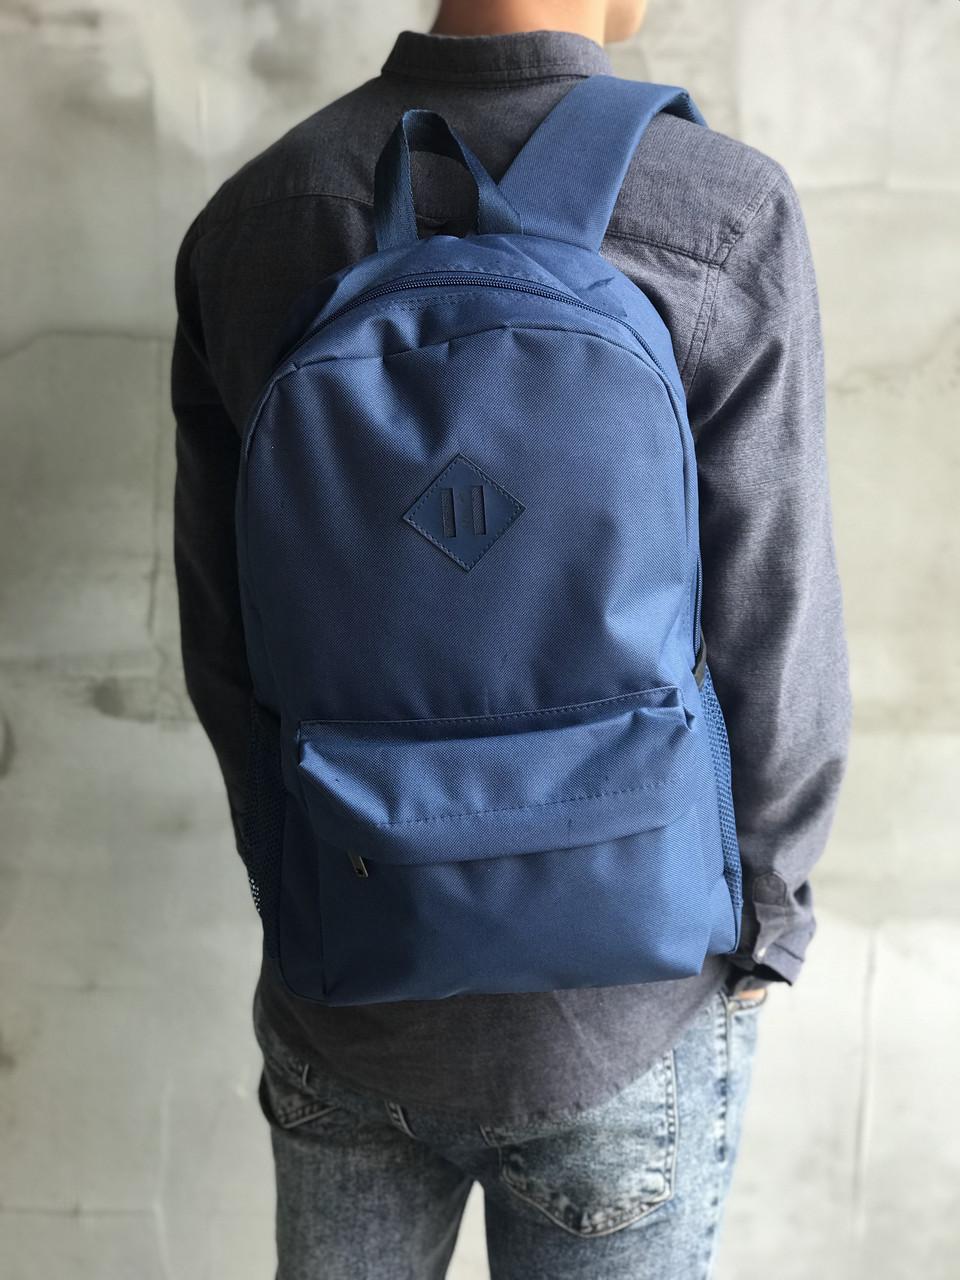 Мужской городской рюкзак для спорта и школы синий